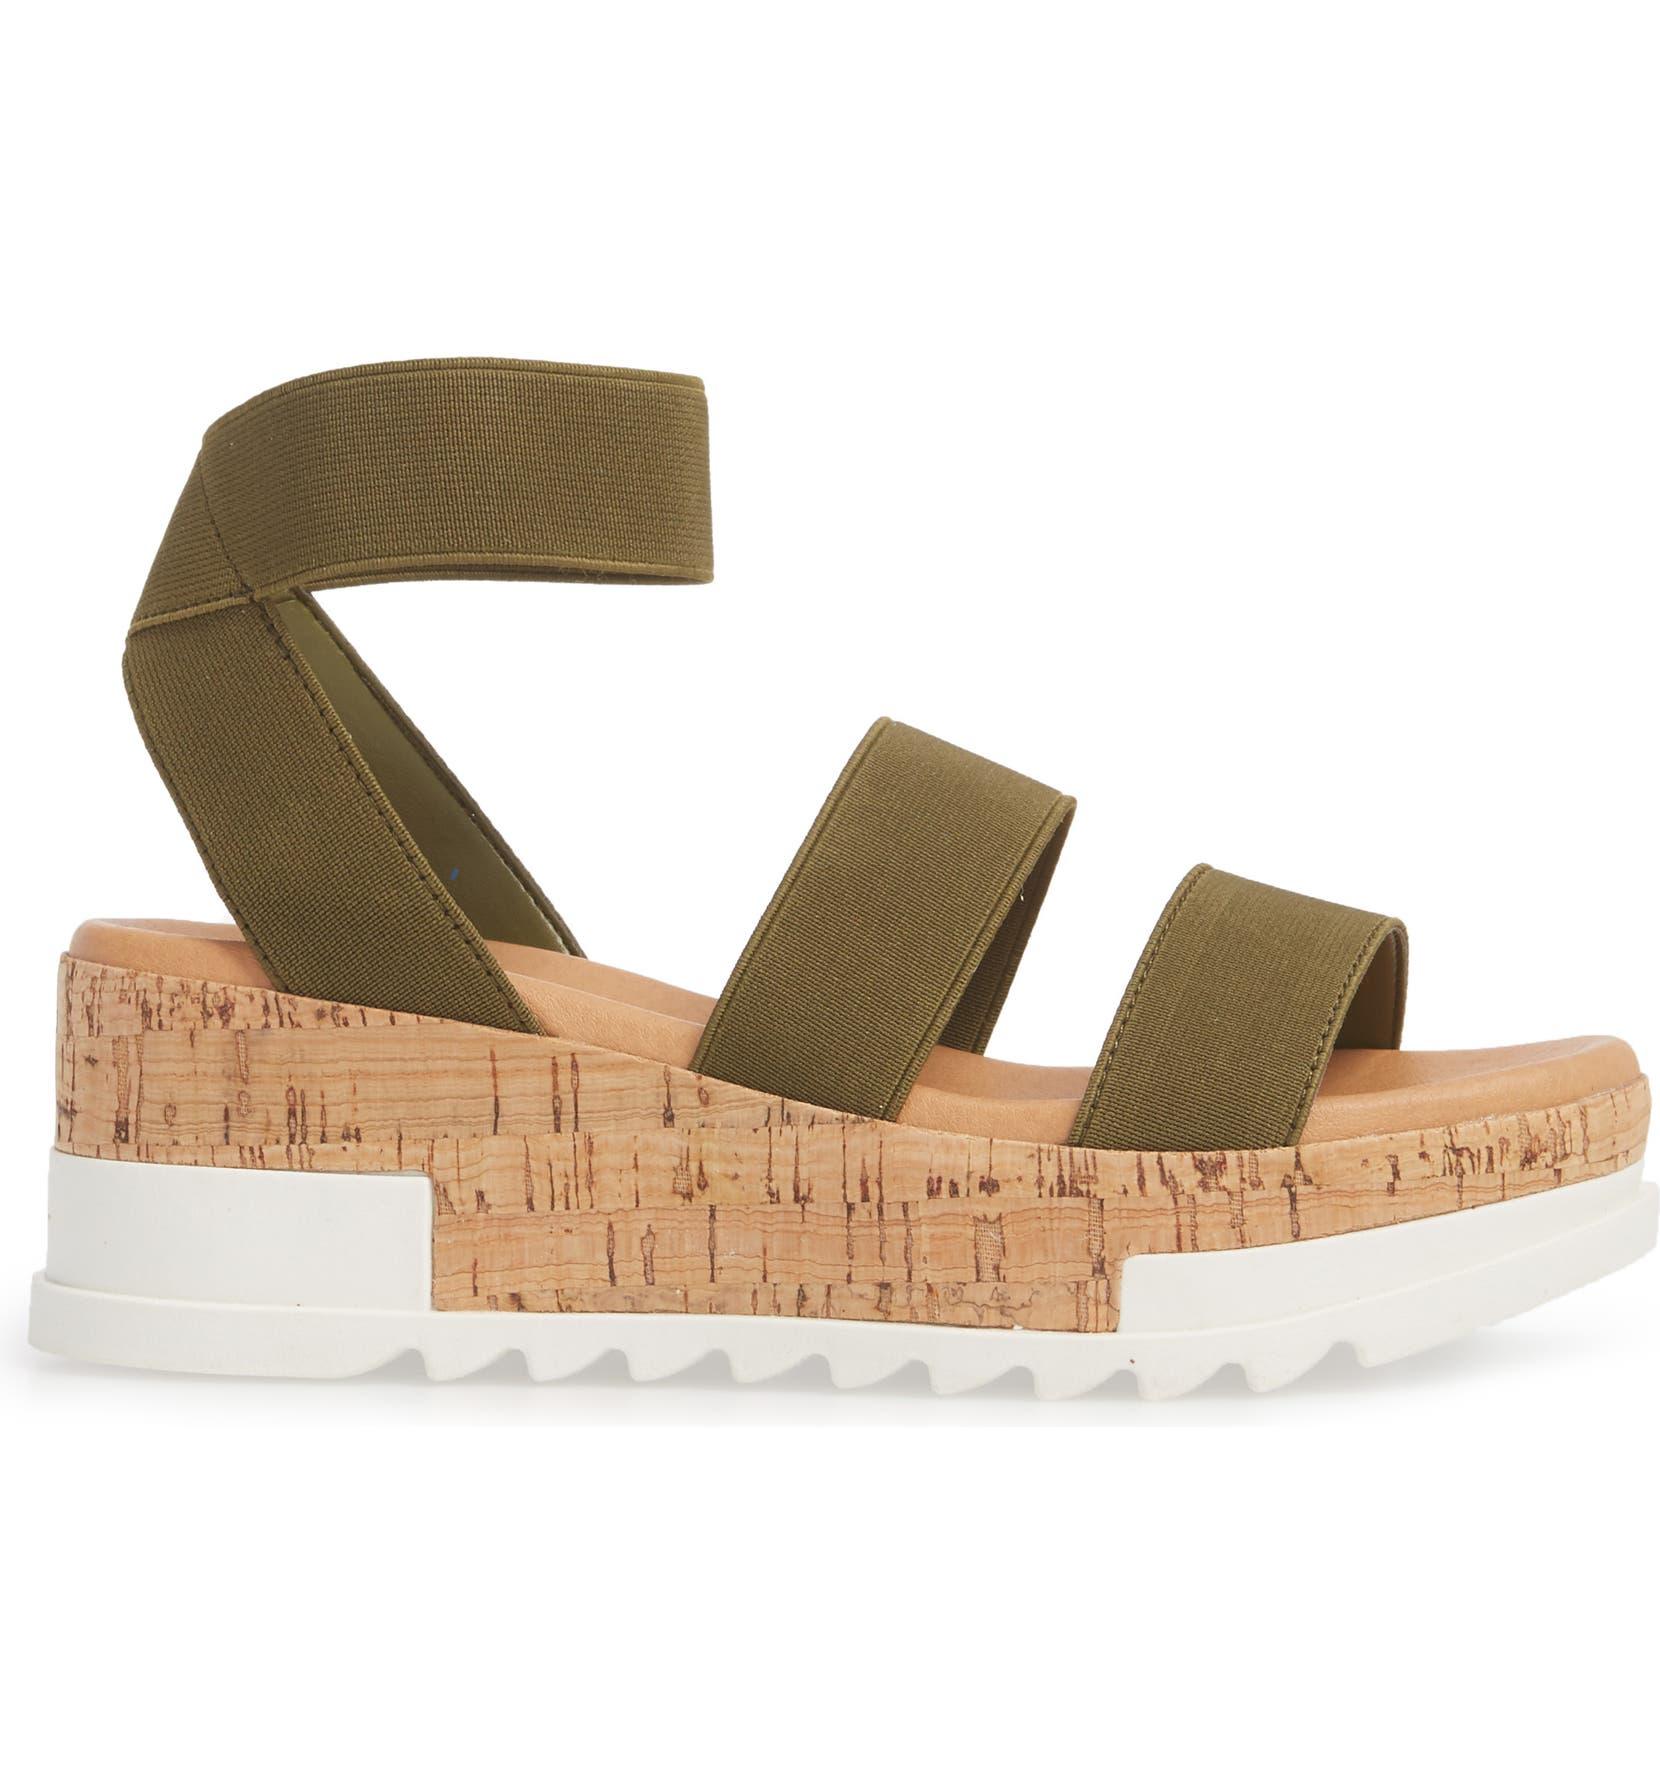 019af8ef1cd Steve Madden Bandi Platform Wedge Sandal (Women)